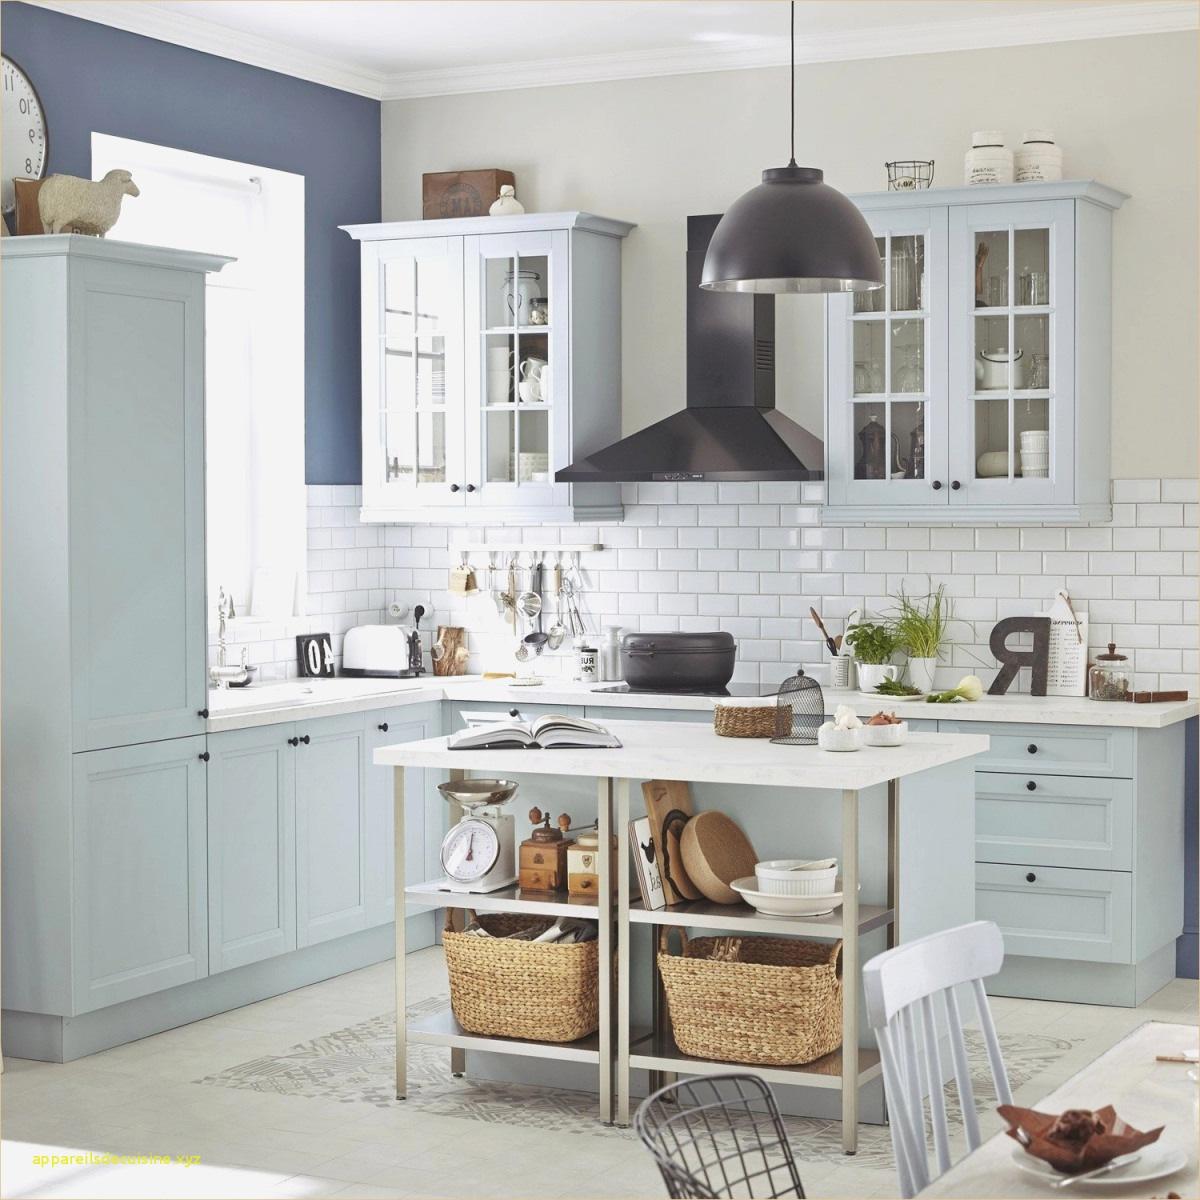 Interieur Maison De Luxe Cuisine Beau Image Cuisine Gris Bleu Luxe 20 Frais Cuisine Garcon Intérieur De La